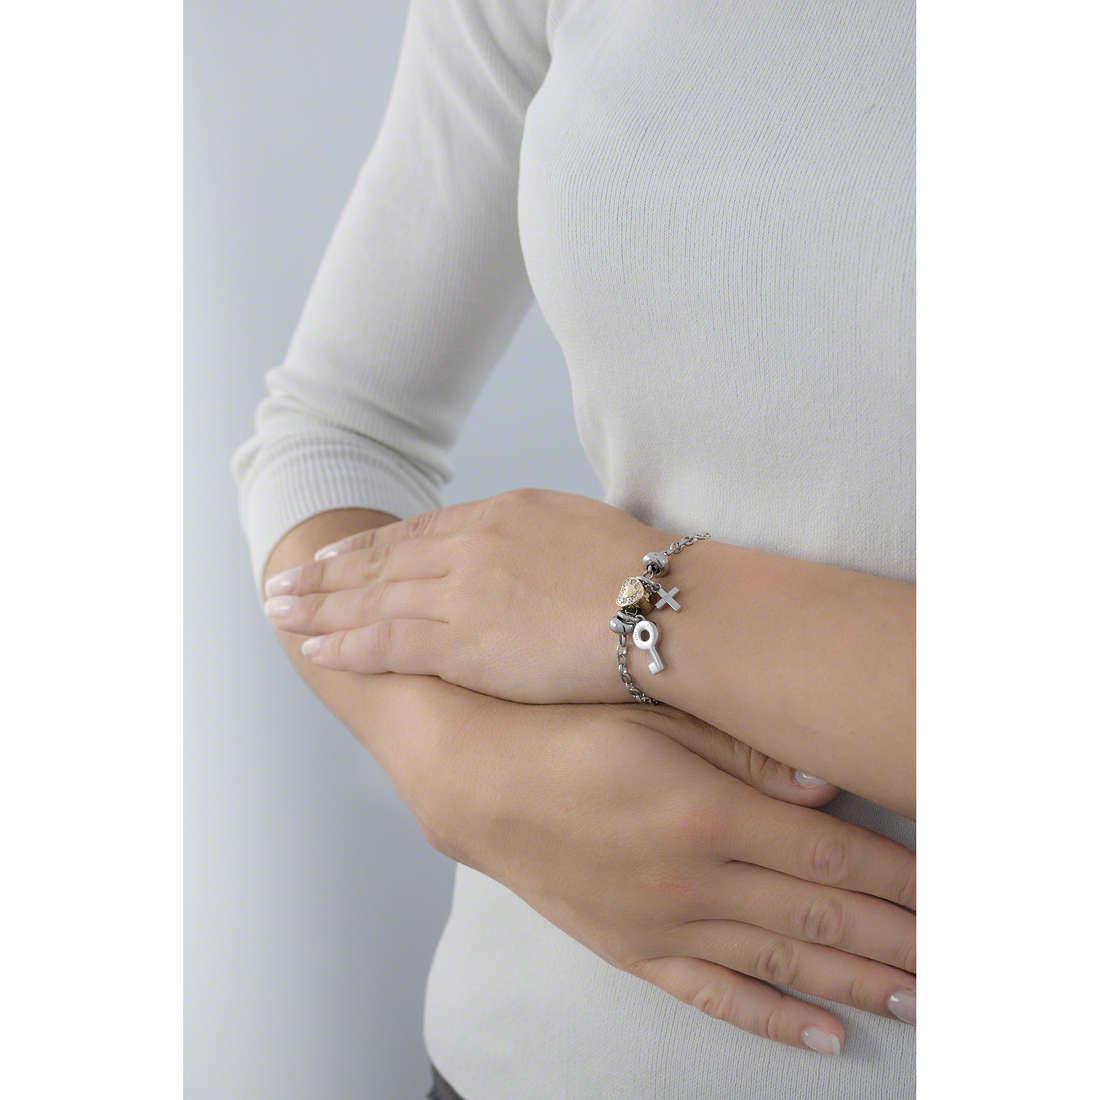 Morellato bracciali Drops donna SCZ717 indosso